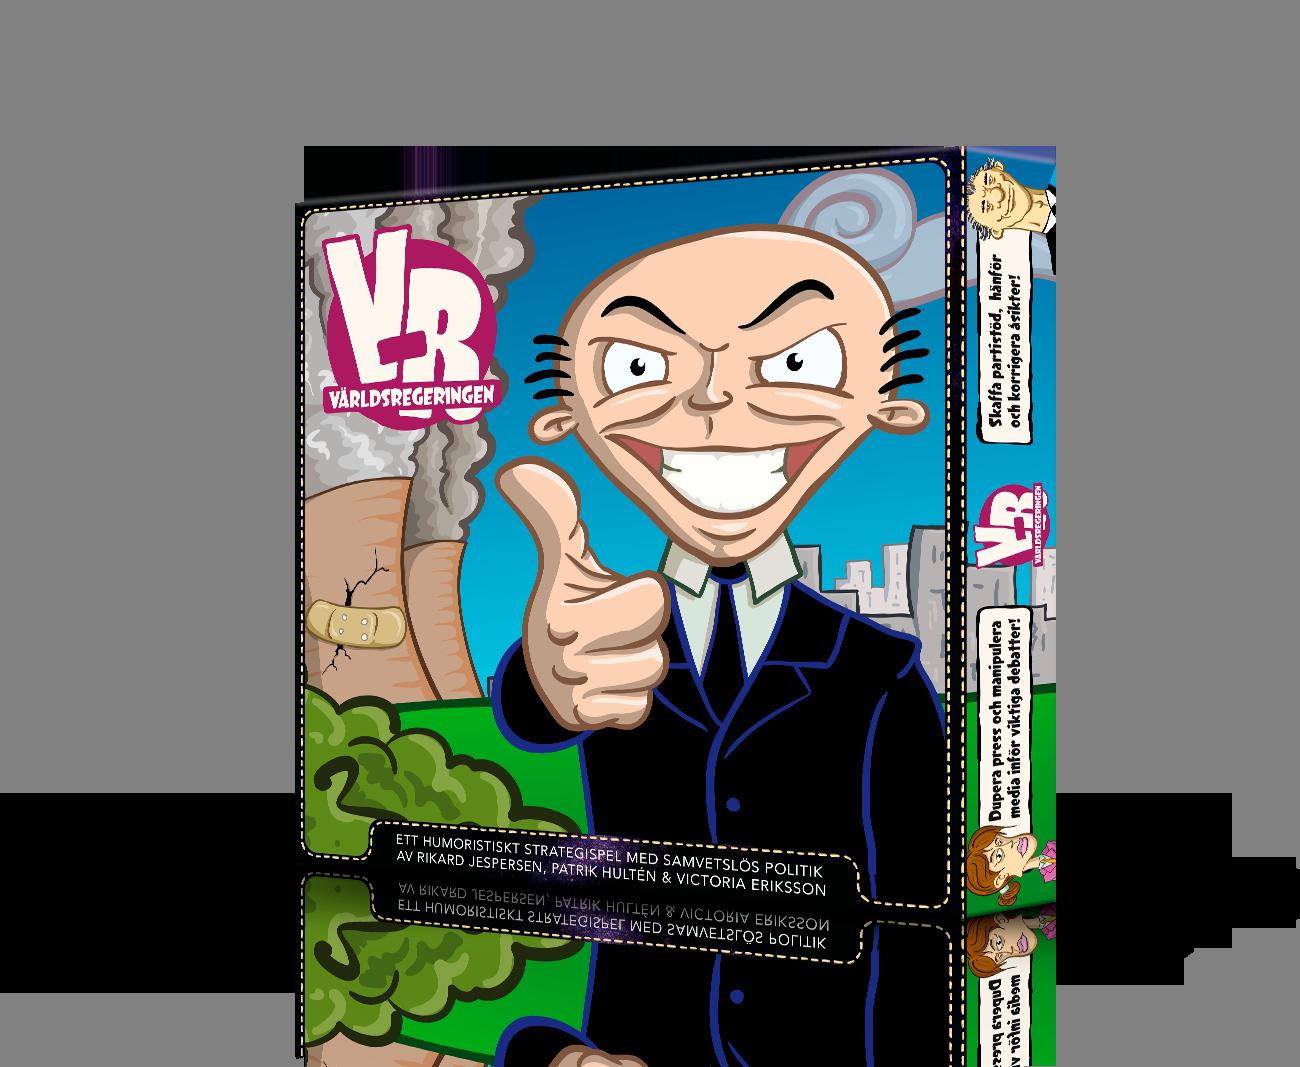 [Brädspel] Världsregeringen VILD009